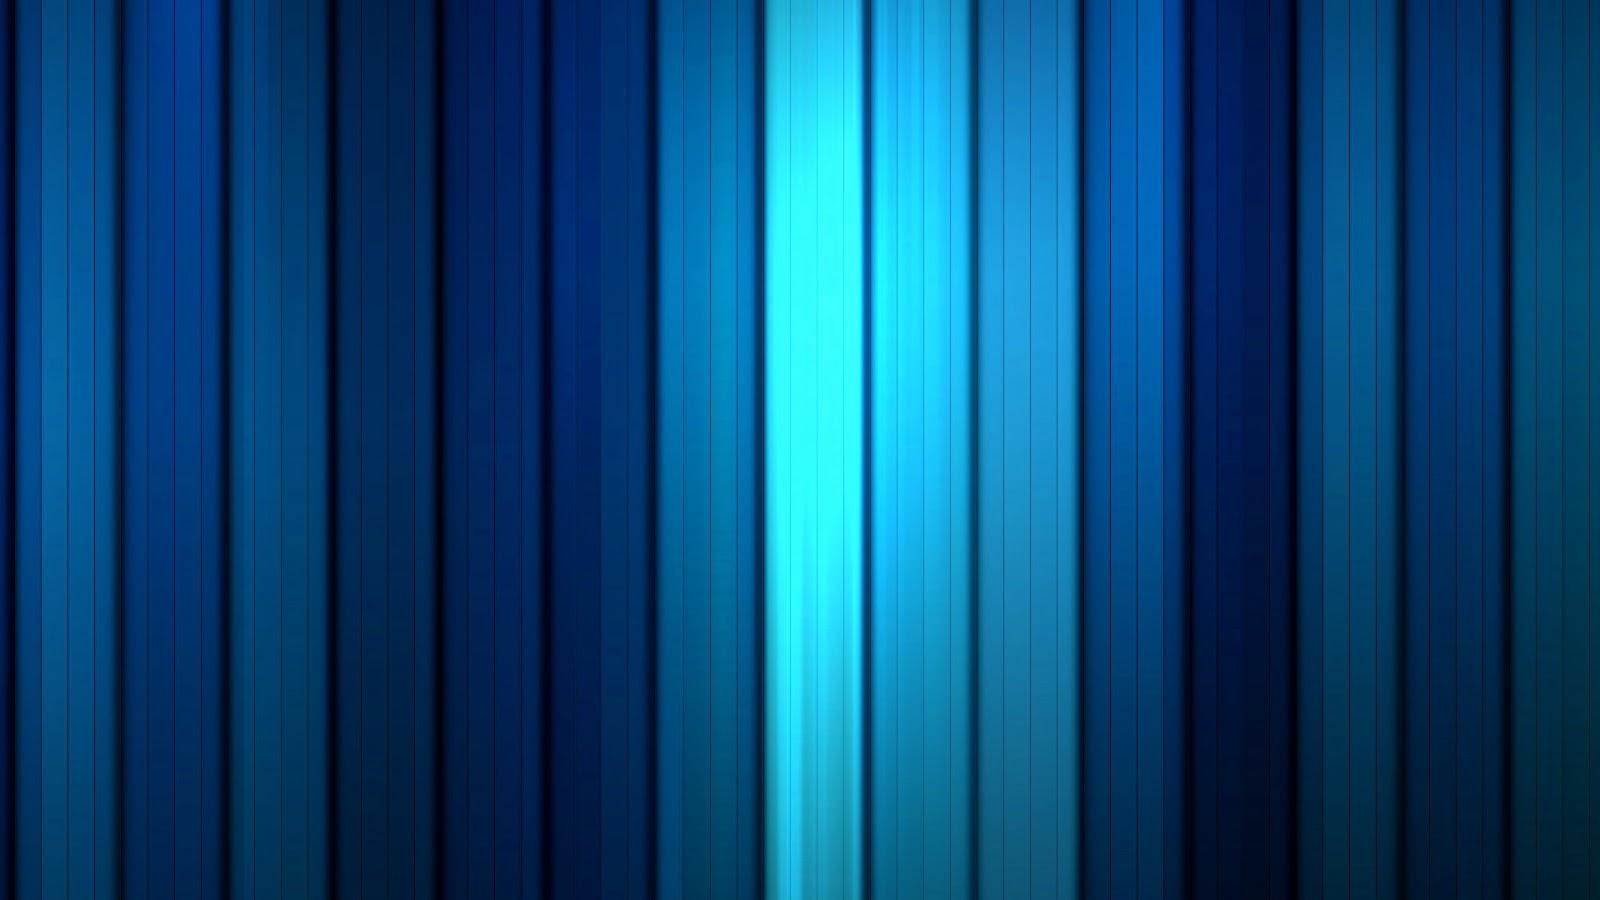 Fondo De Pantalla Abstracto Barras De Colores: Descarga Fondos HD: Fondo De Pantalla